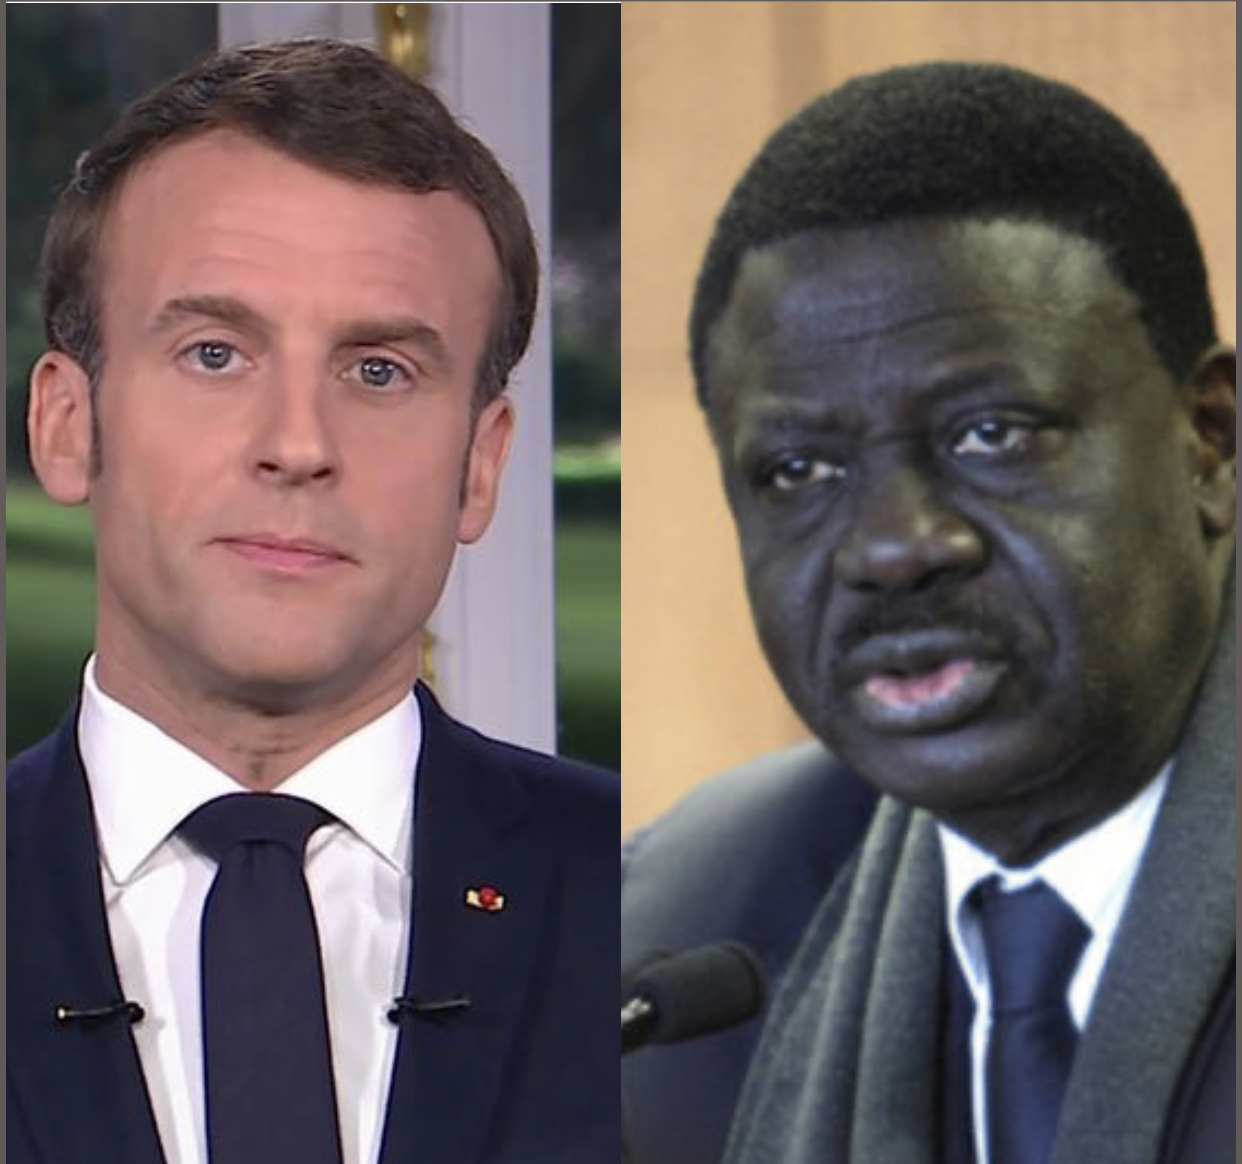 Décédé du COVID-19 : Emmanuel Macron rend hommage à Pape Diouf et présente ses condoléances à sa famille.